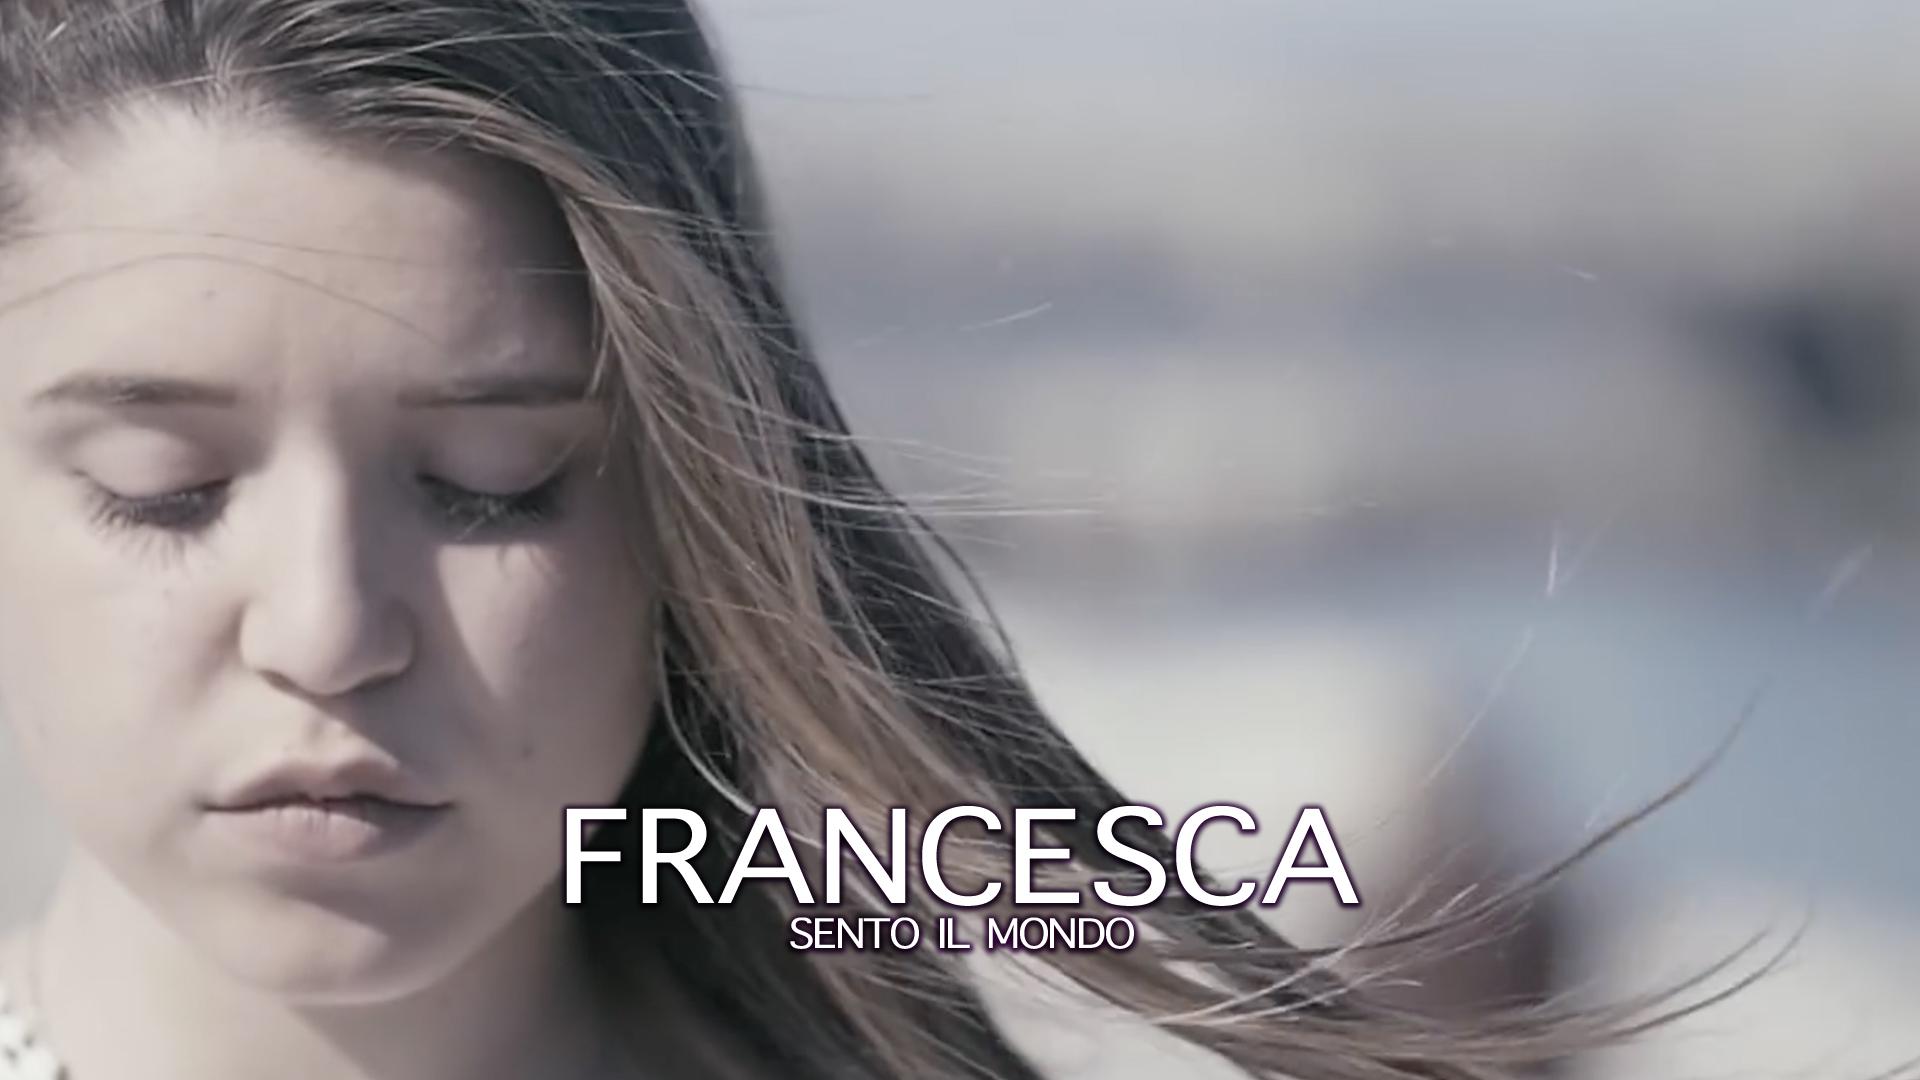 Copertins video Francesca sento il mondo